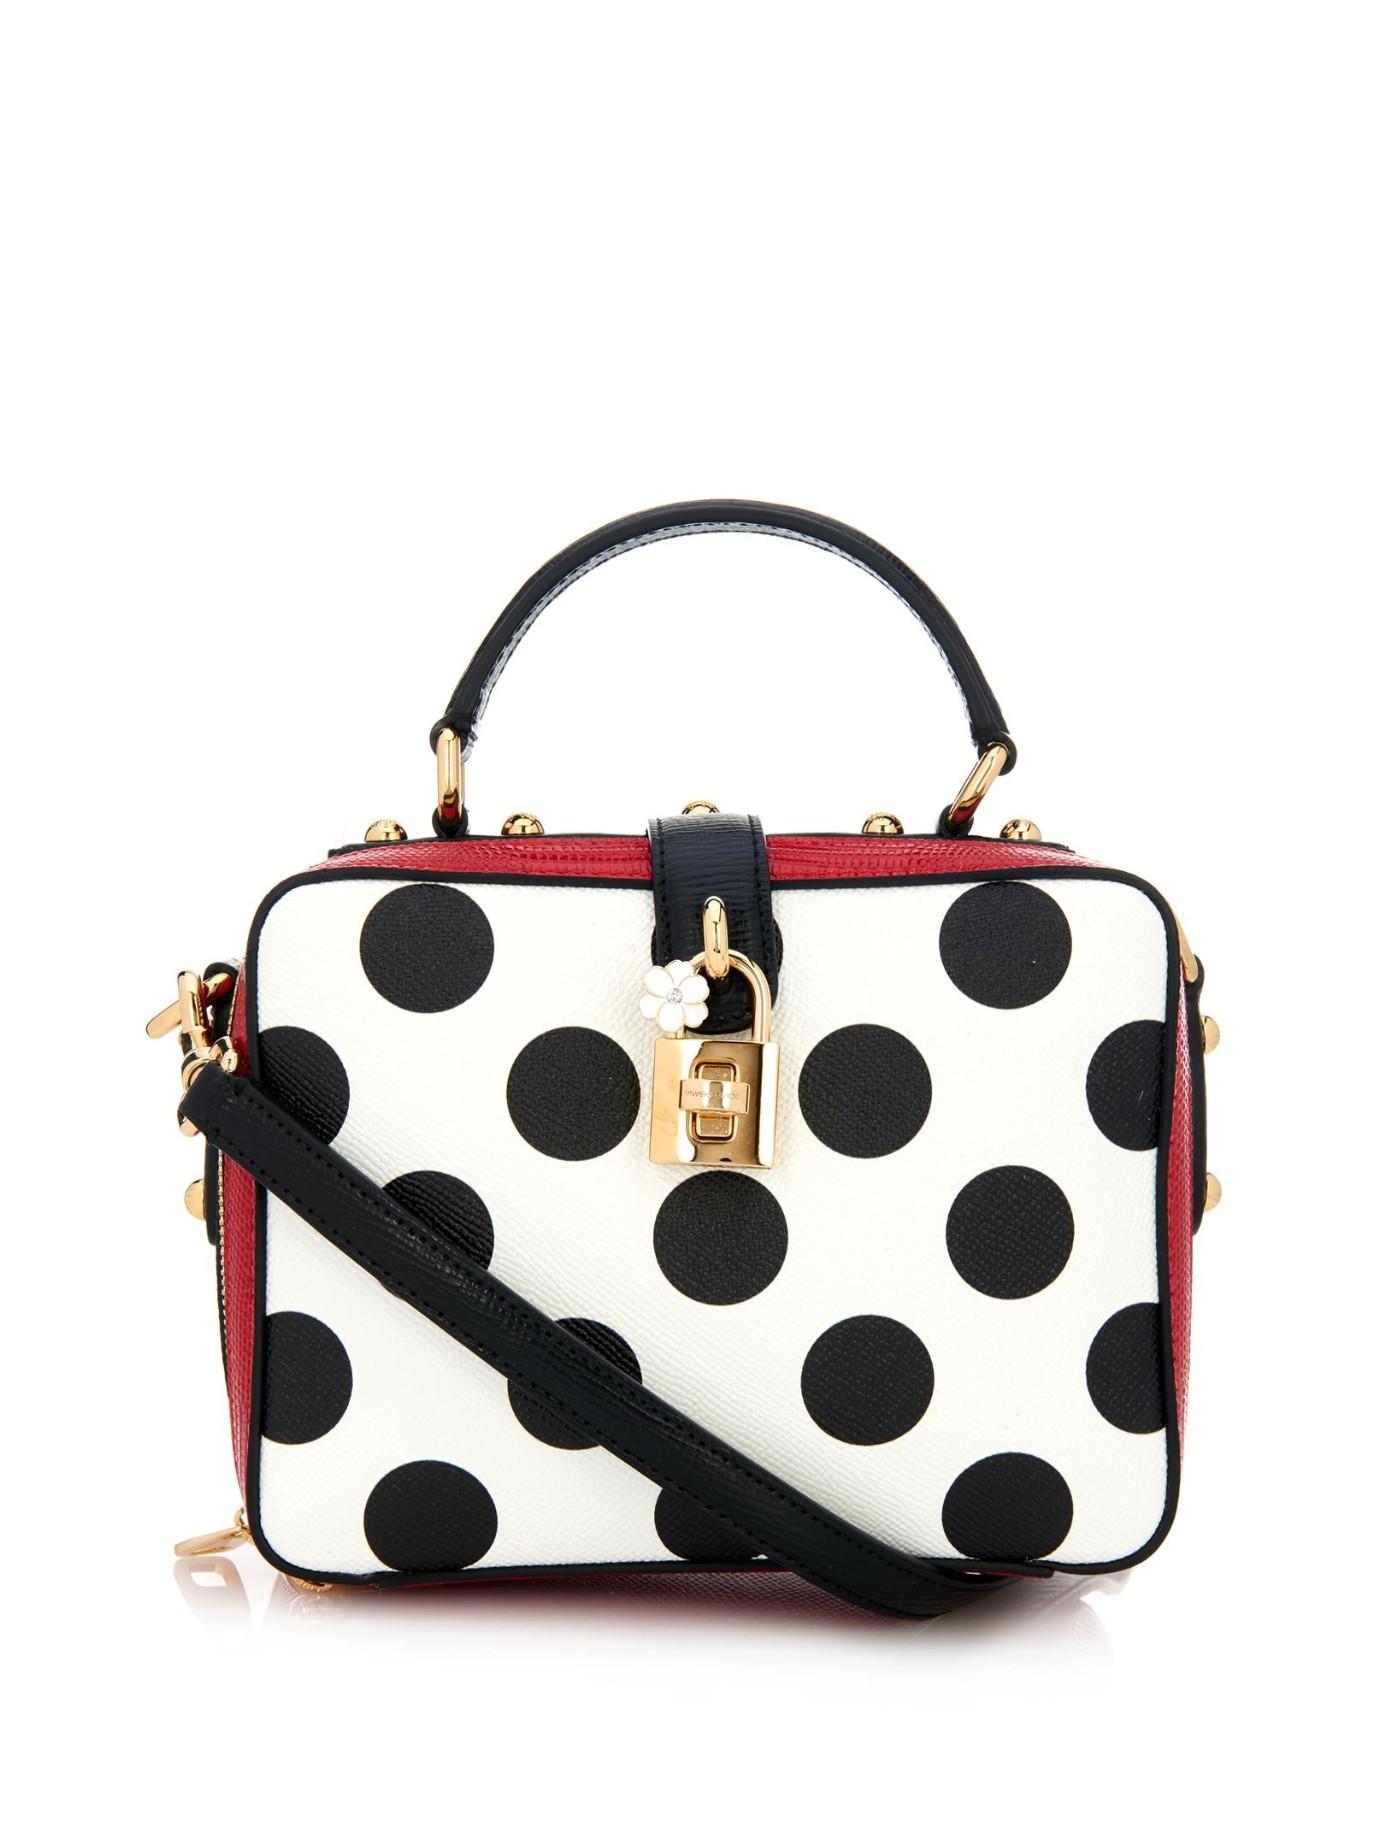 b539bdec647 Dolce   Gabbana Rosaria Polka-Dot Cross-Body Bag in Black - Lyst